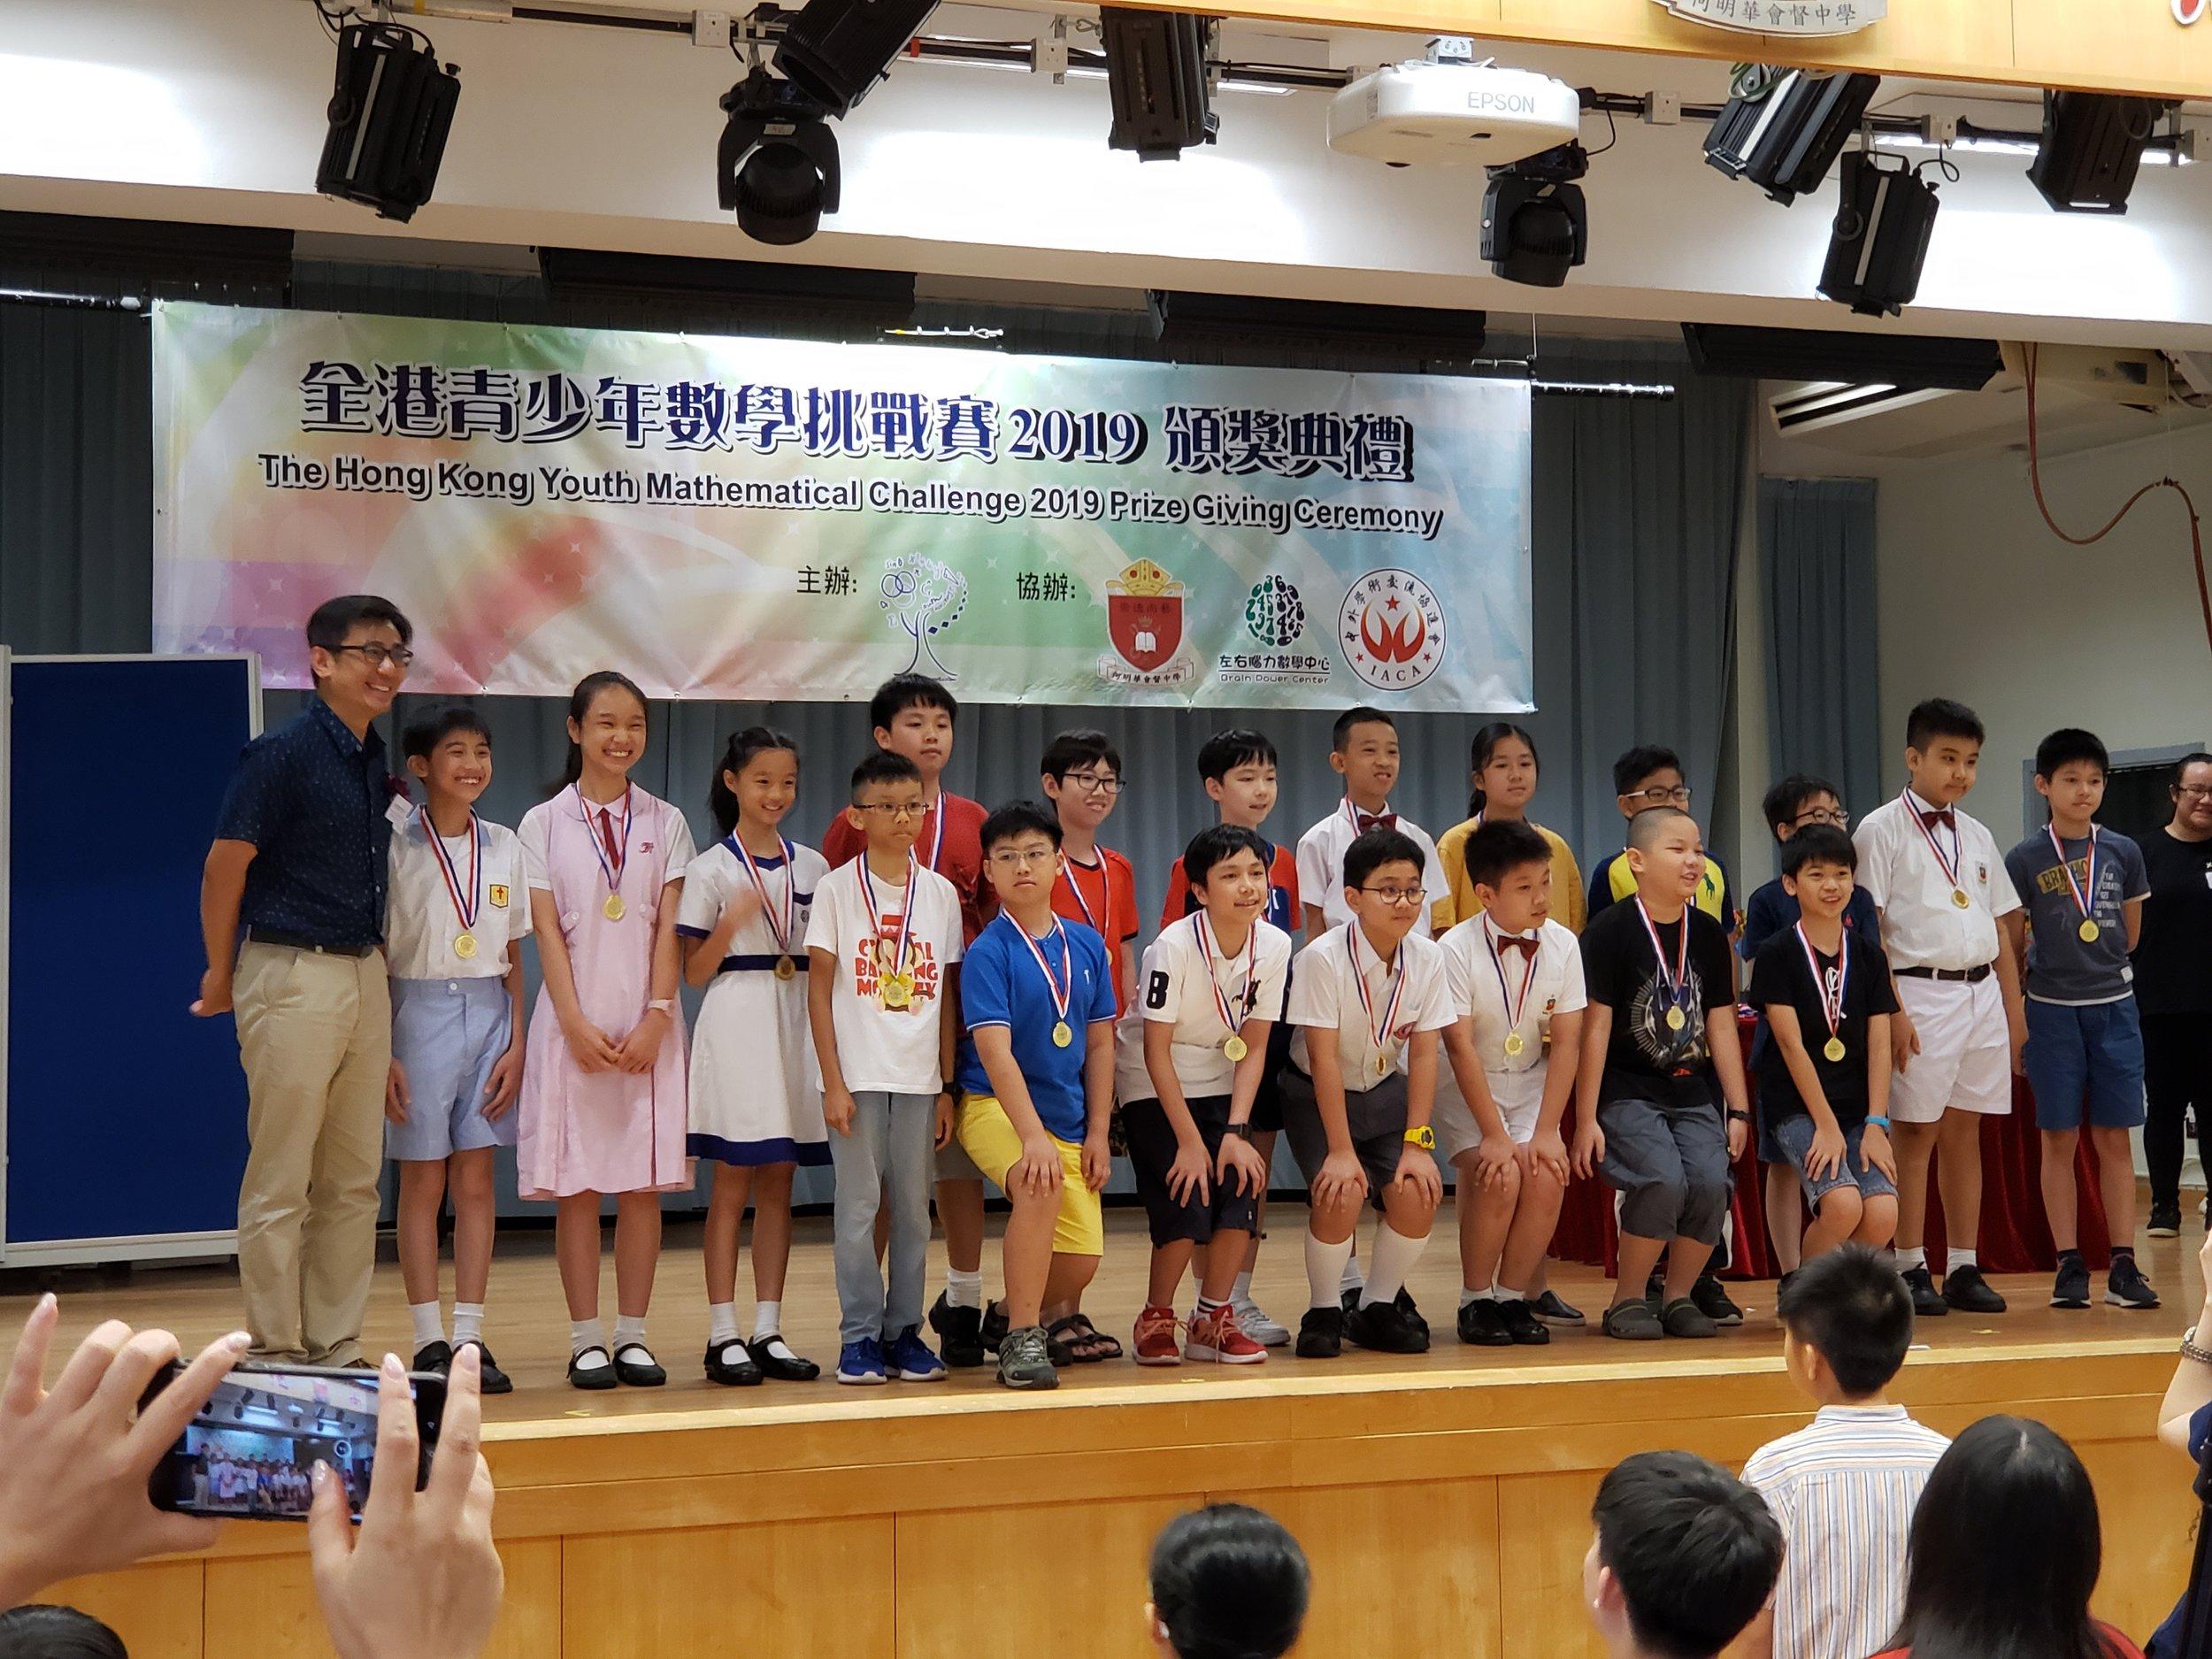 頒獎嘉賓將金獎獎牌授予5C 鄭日陽、5C 梁曉靜及各校五年級的金獎得主。